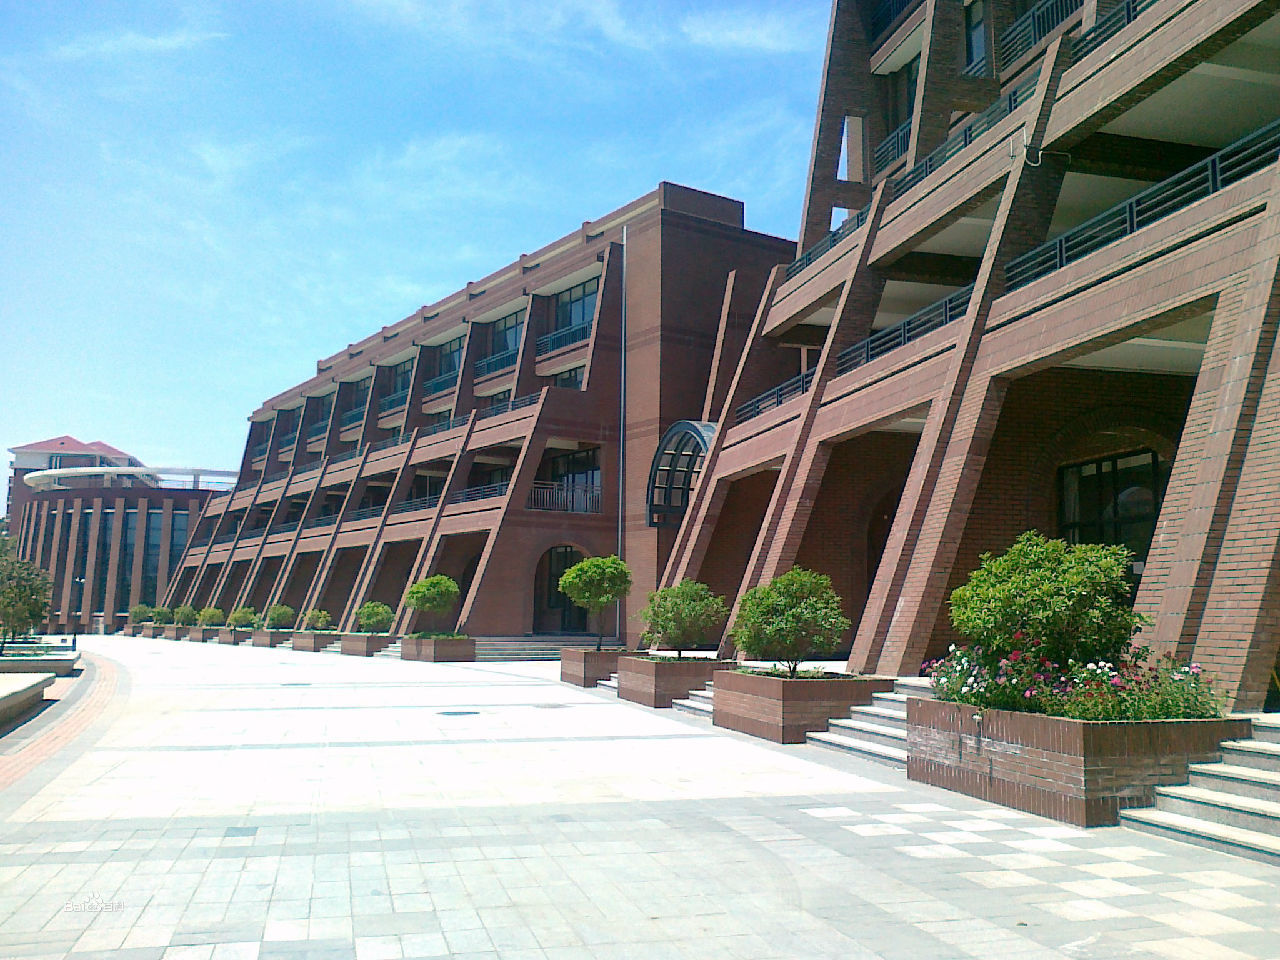 青岛理工管理学院-青岛理工大学黄岛校区的军训时间是几天 谢谢了,大神帮忙啊